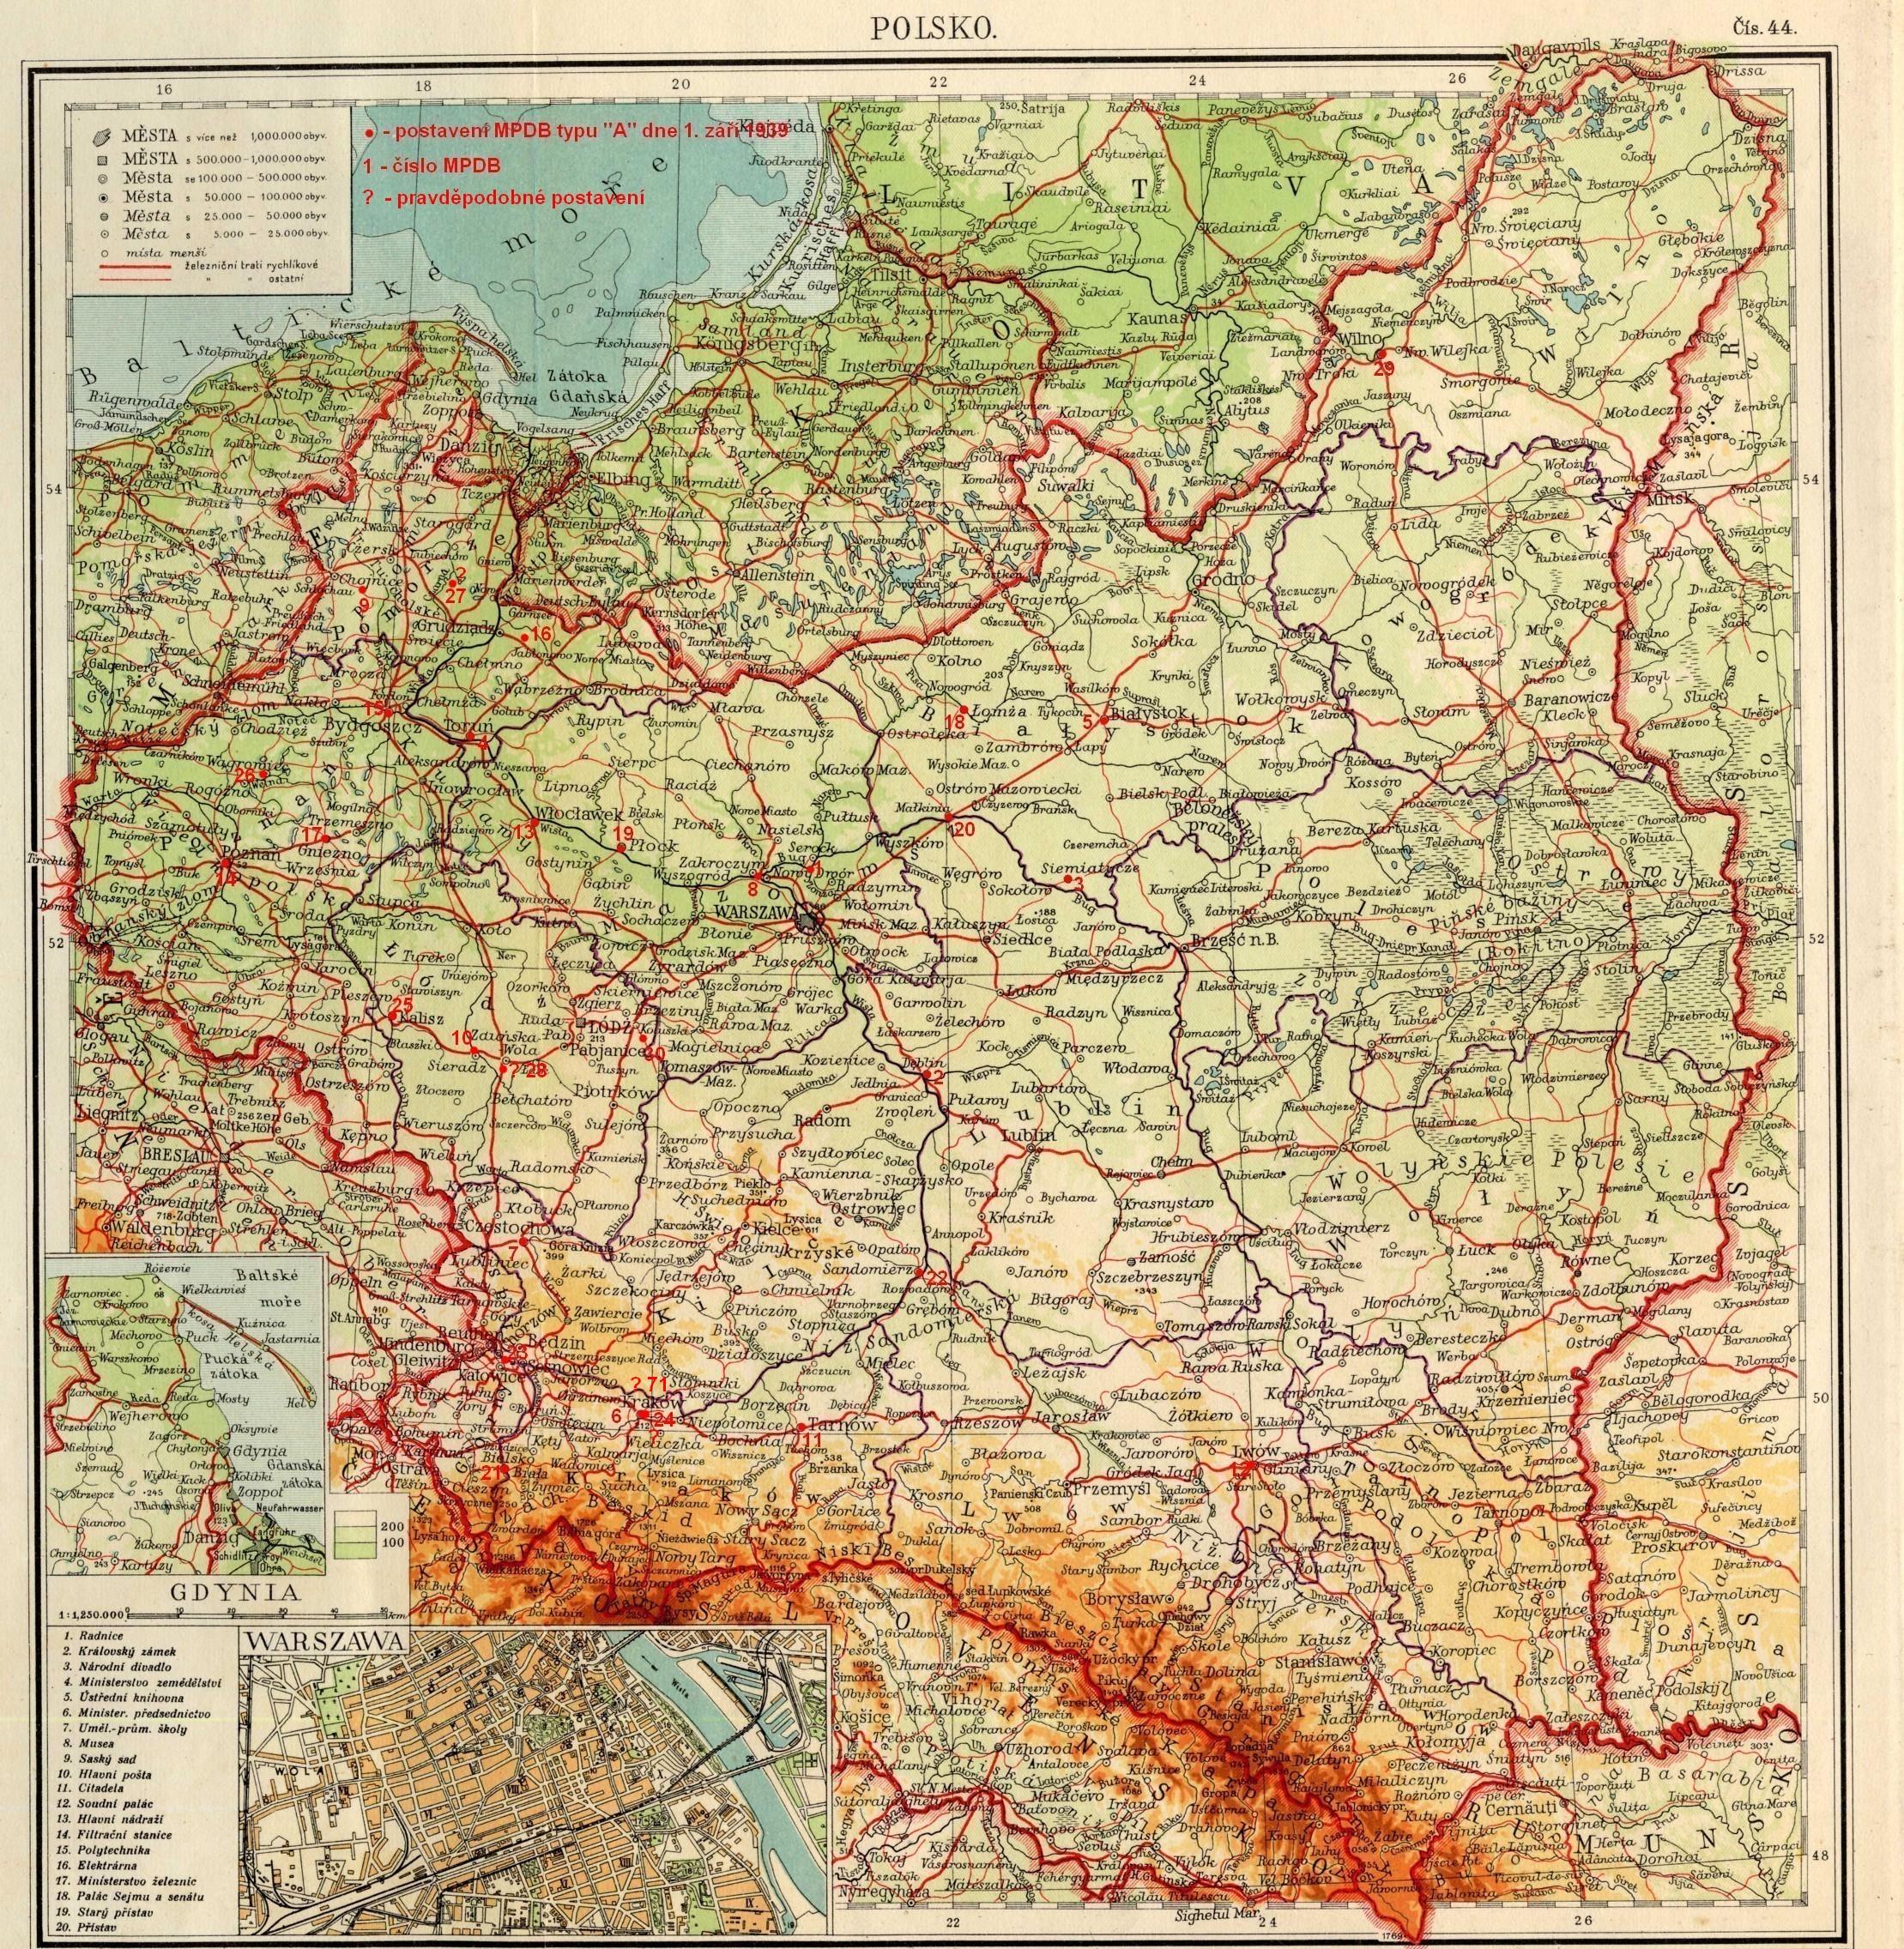 Dws Org Pl Zobacz Temat Mapa Polski Z 1939 Roku Z Fragmentami